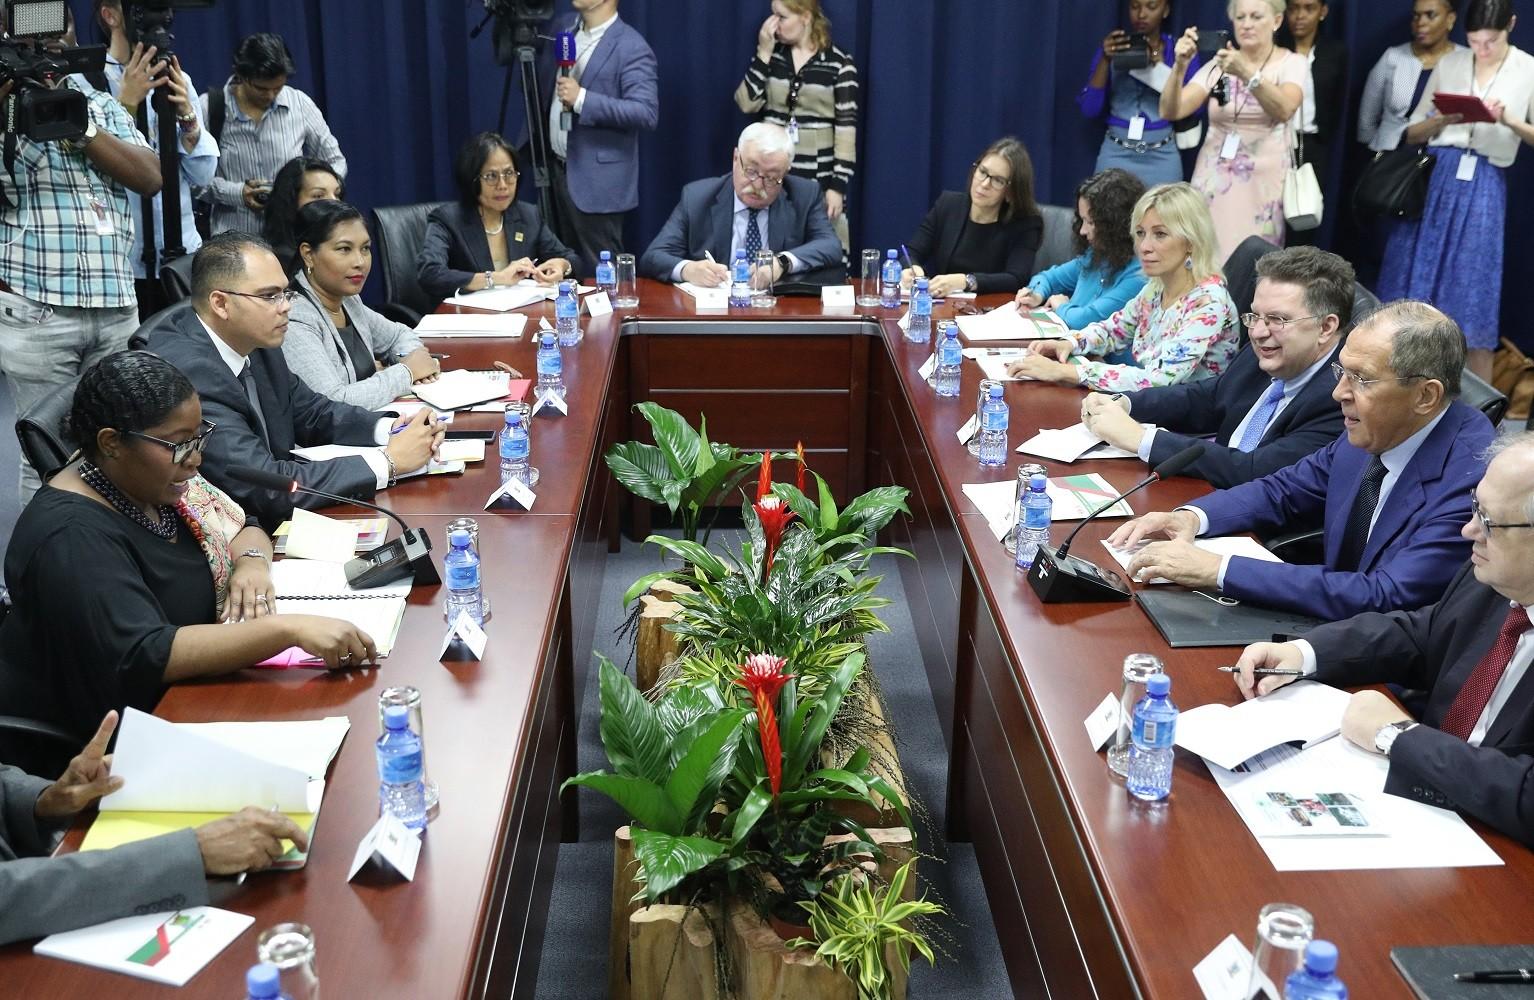 وزير الخارجية الروسي، سيرغي لافروف، أثناء لقاء جمعه مع نظيرته السورينامية، إلديز بولاك-بيغلي